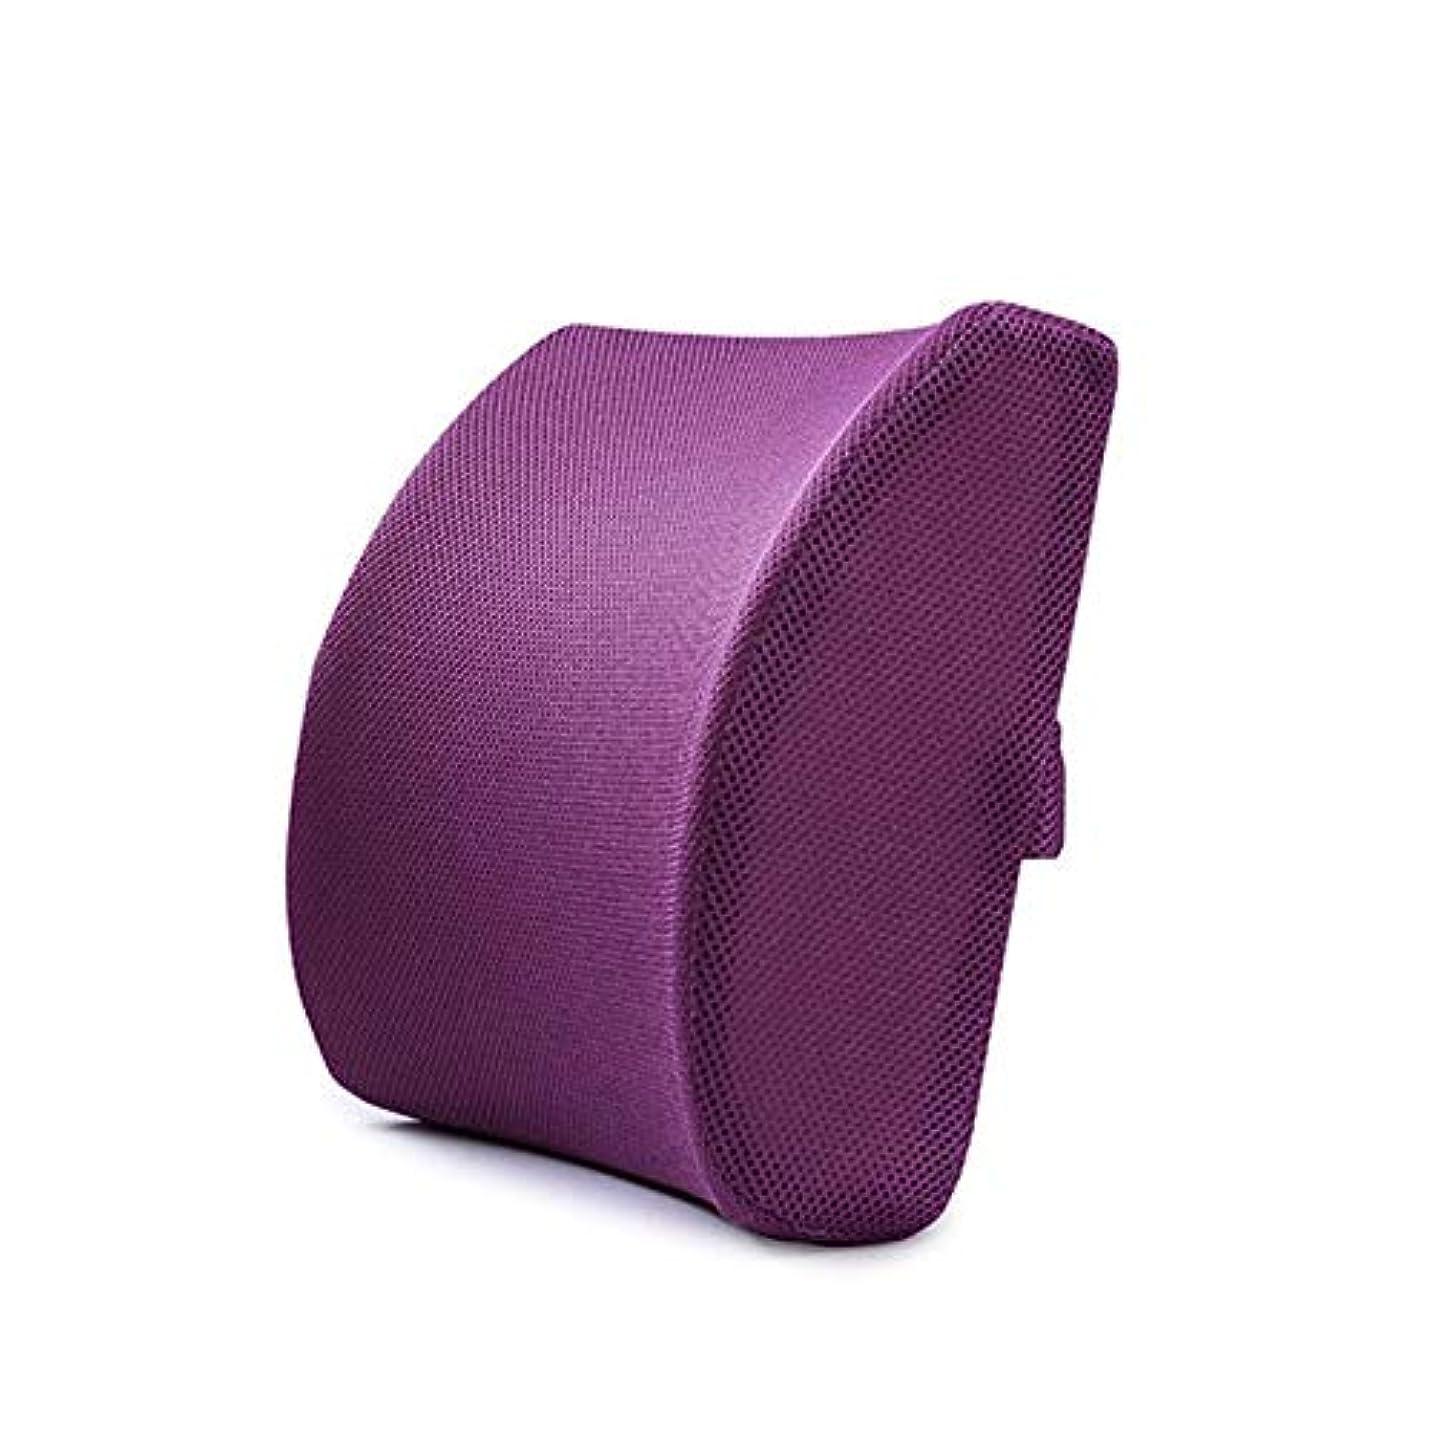 ひまわり噴水誰がLIFE ホームオフィス背もたれ椅子腰椎クッションカーシートネック枕 3D 低反発サポートバックマッサージウエストレスリビング枕 クッション 椅子